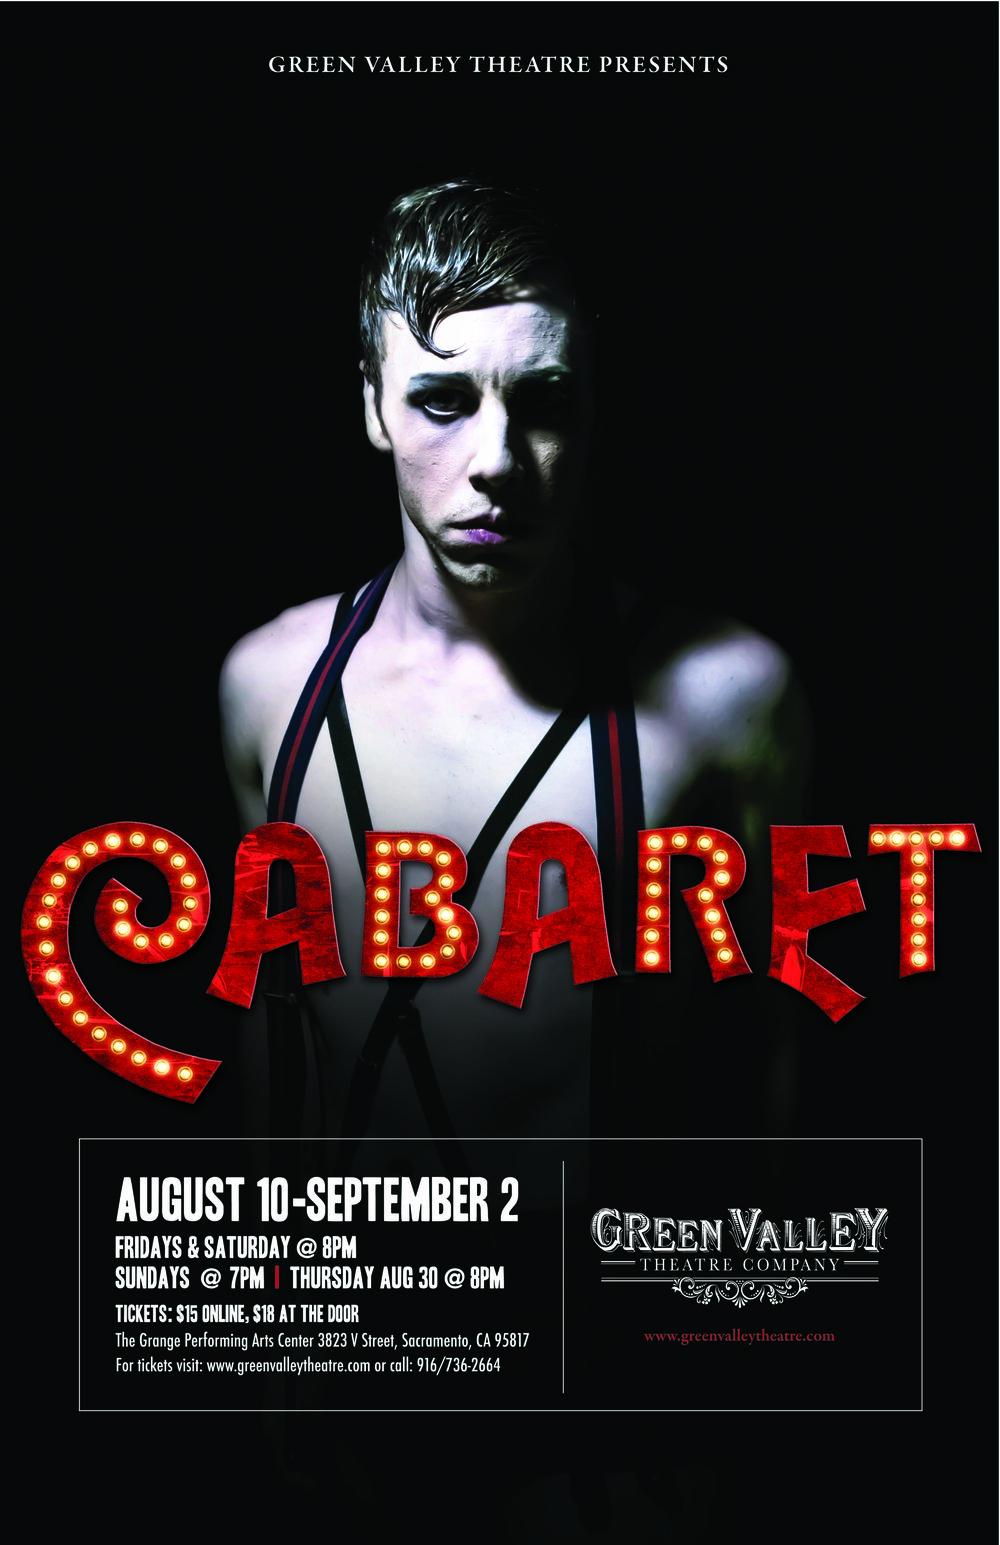 Cabaret - August 10th-September 2ndExplore